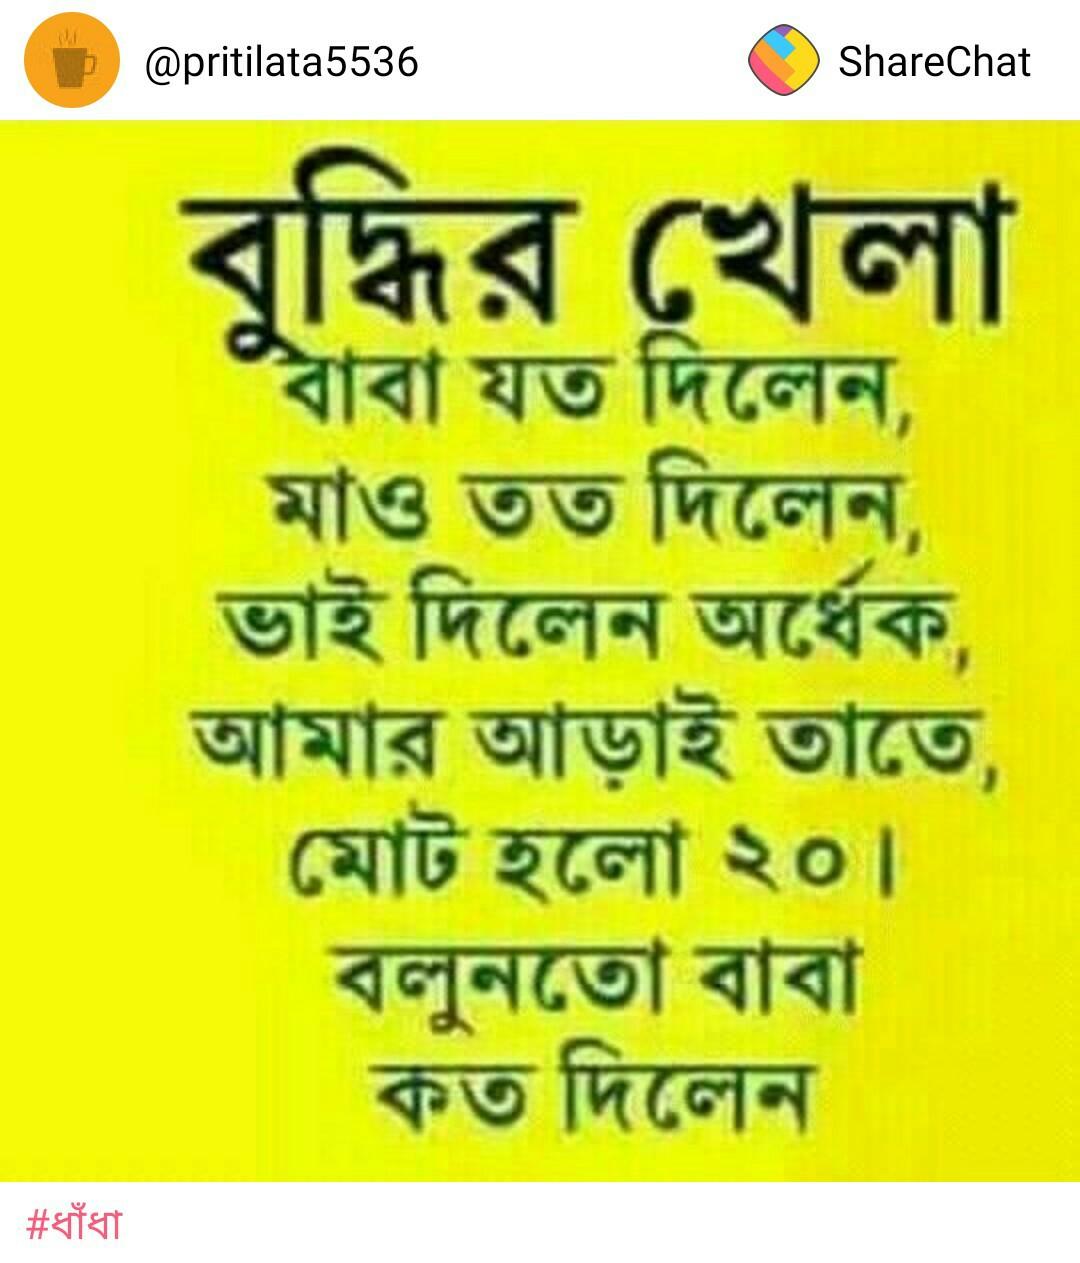 করবো_লড়বো_জিতবো  - ShareChat